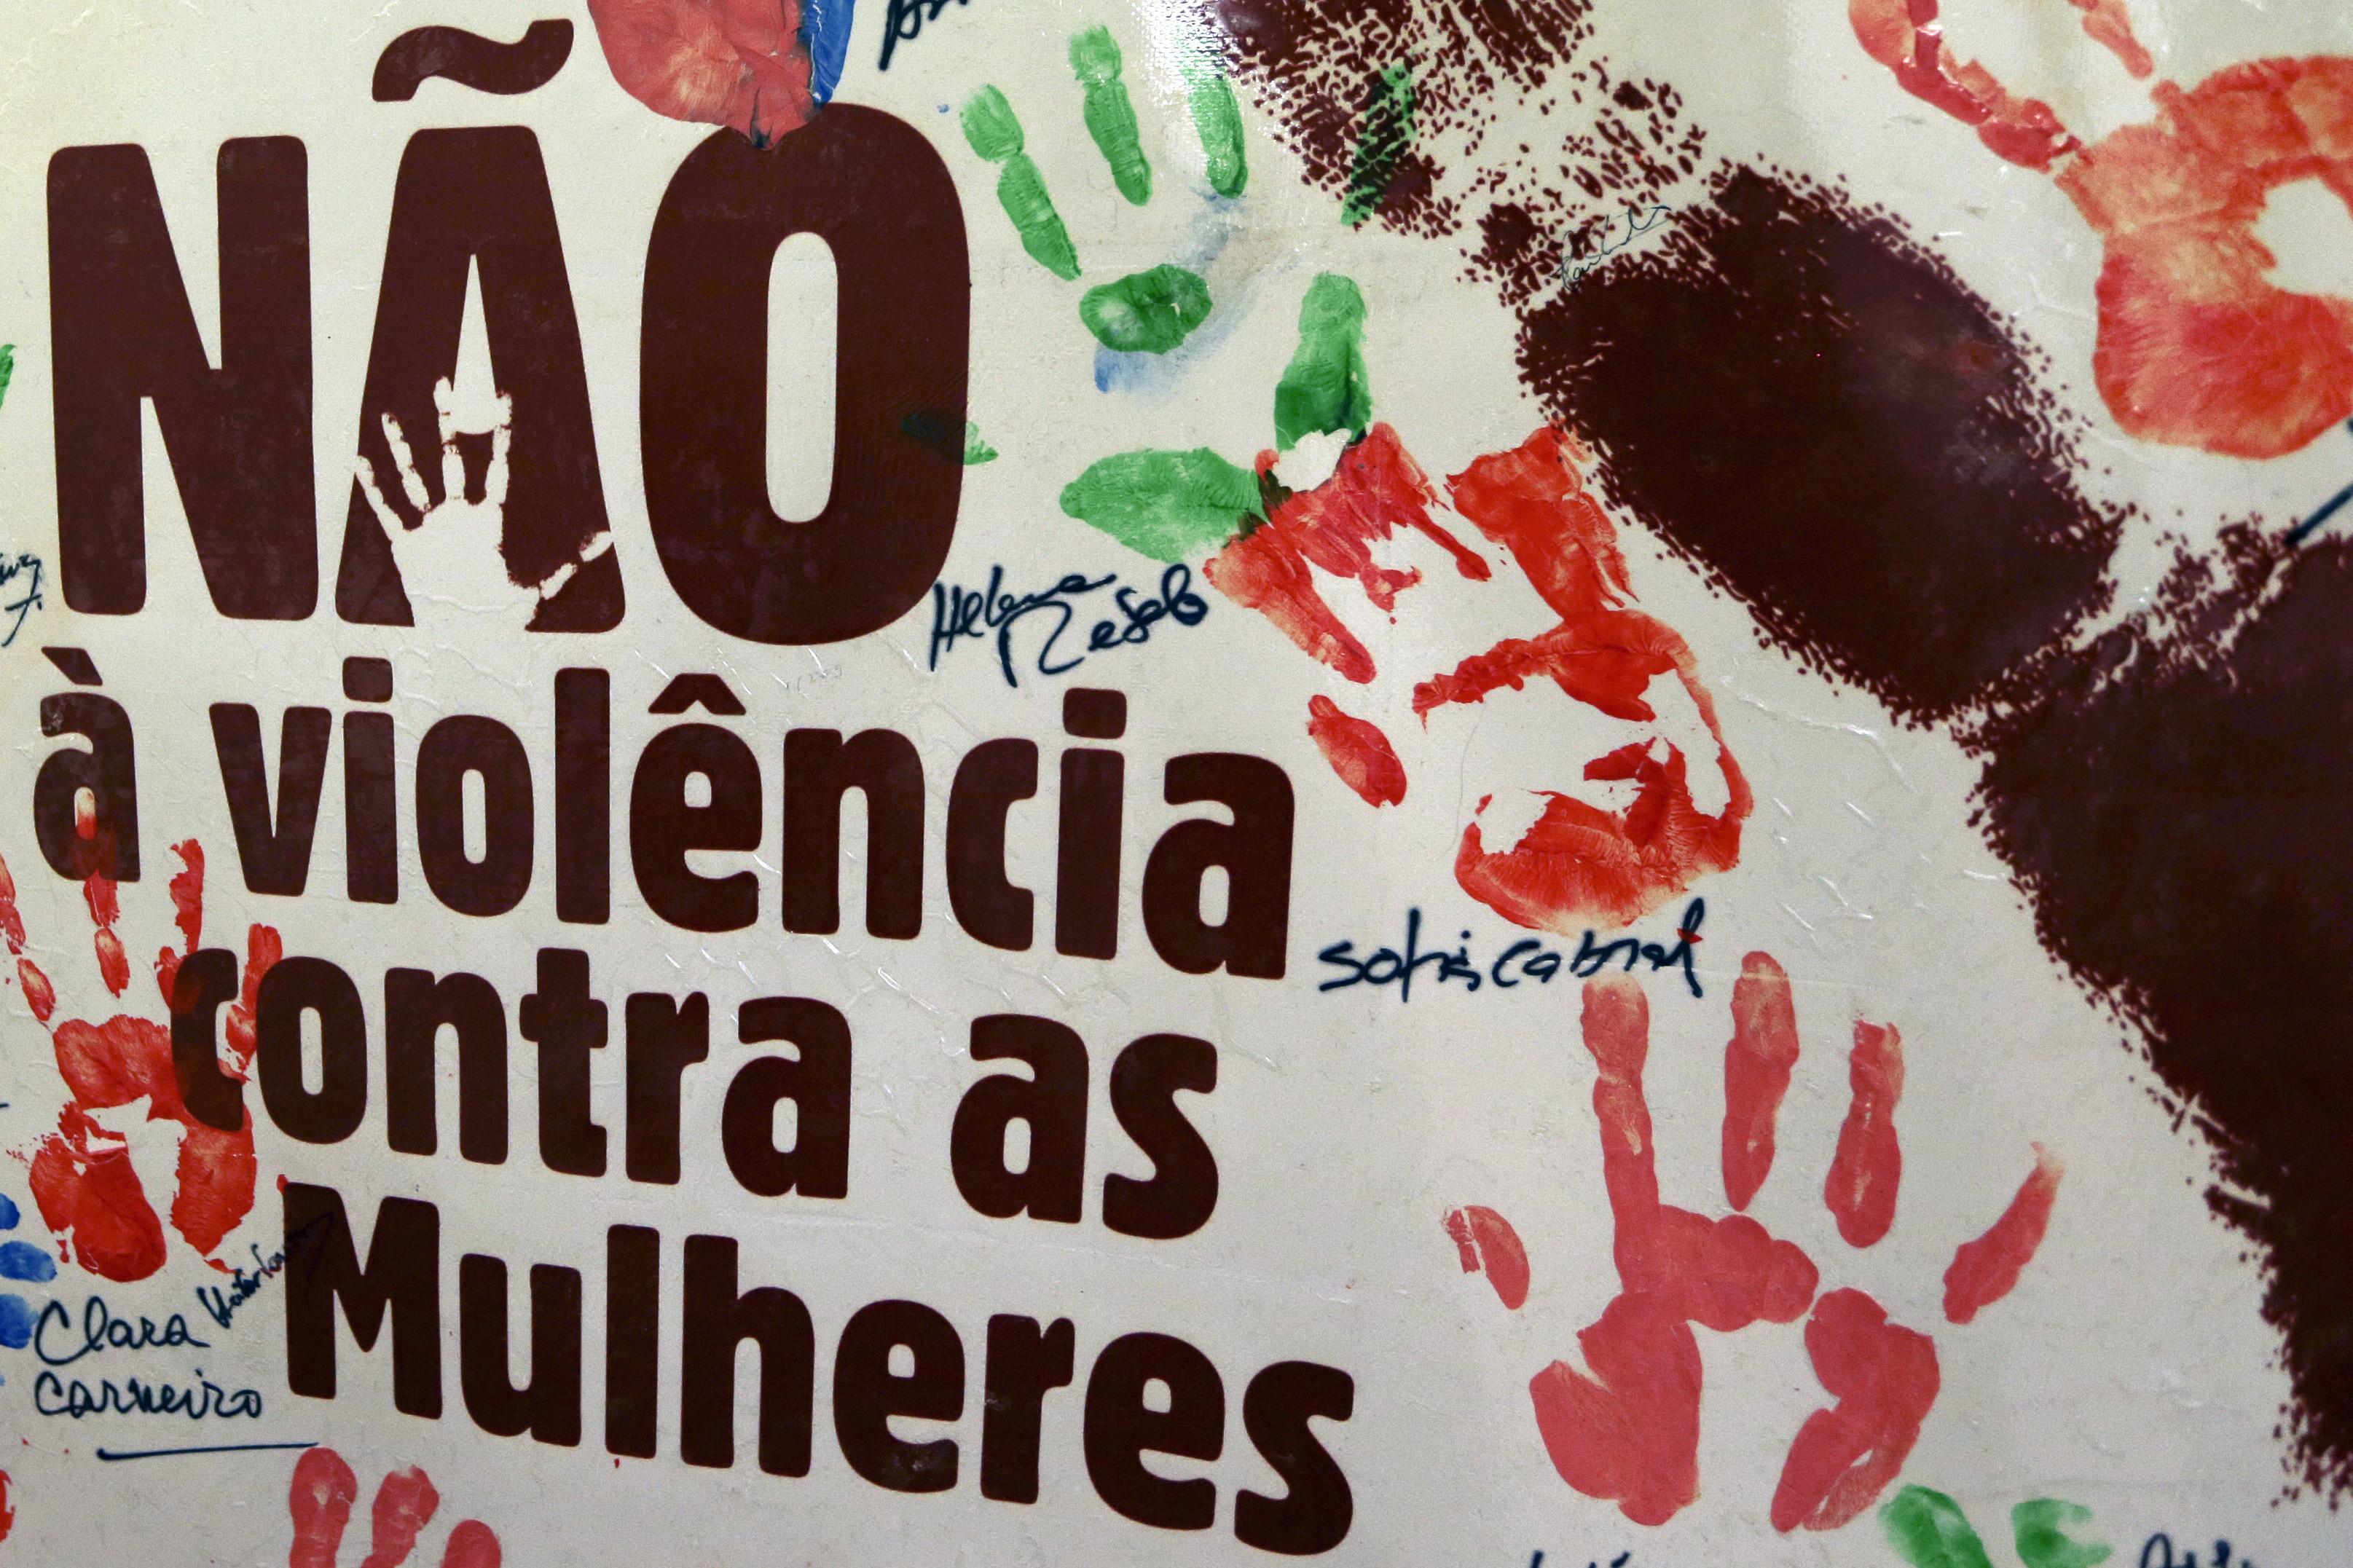 Lisboa, Porto e Viseu marcham hoje pelo fim da violência contra mulheres